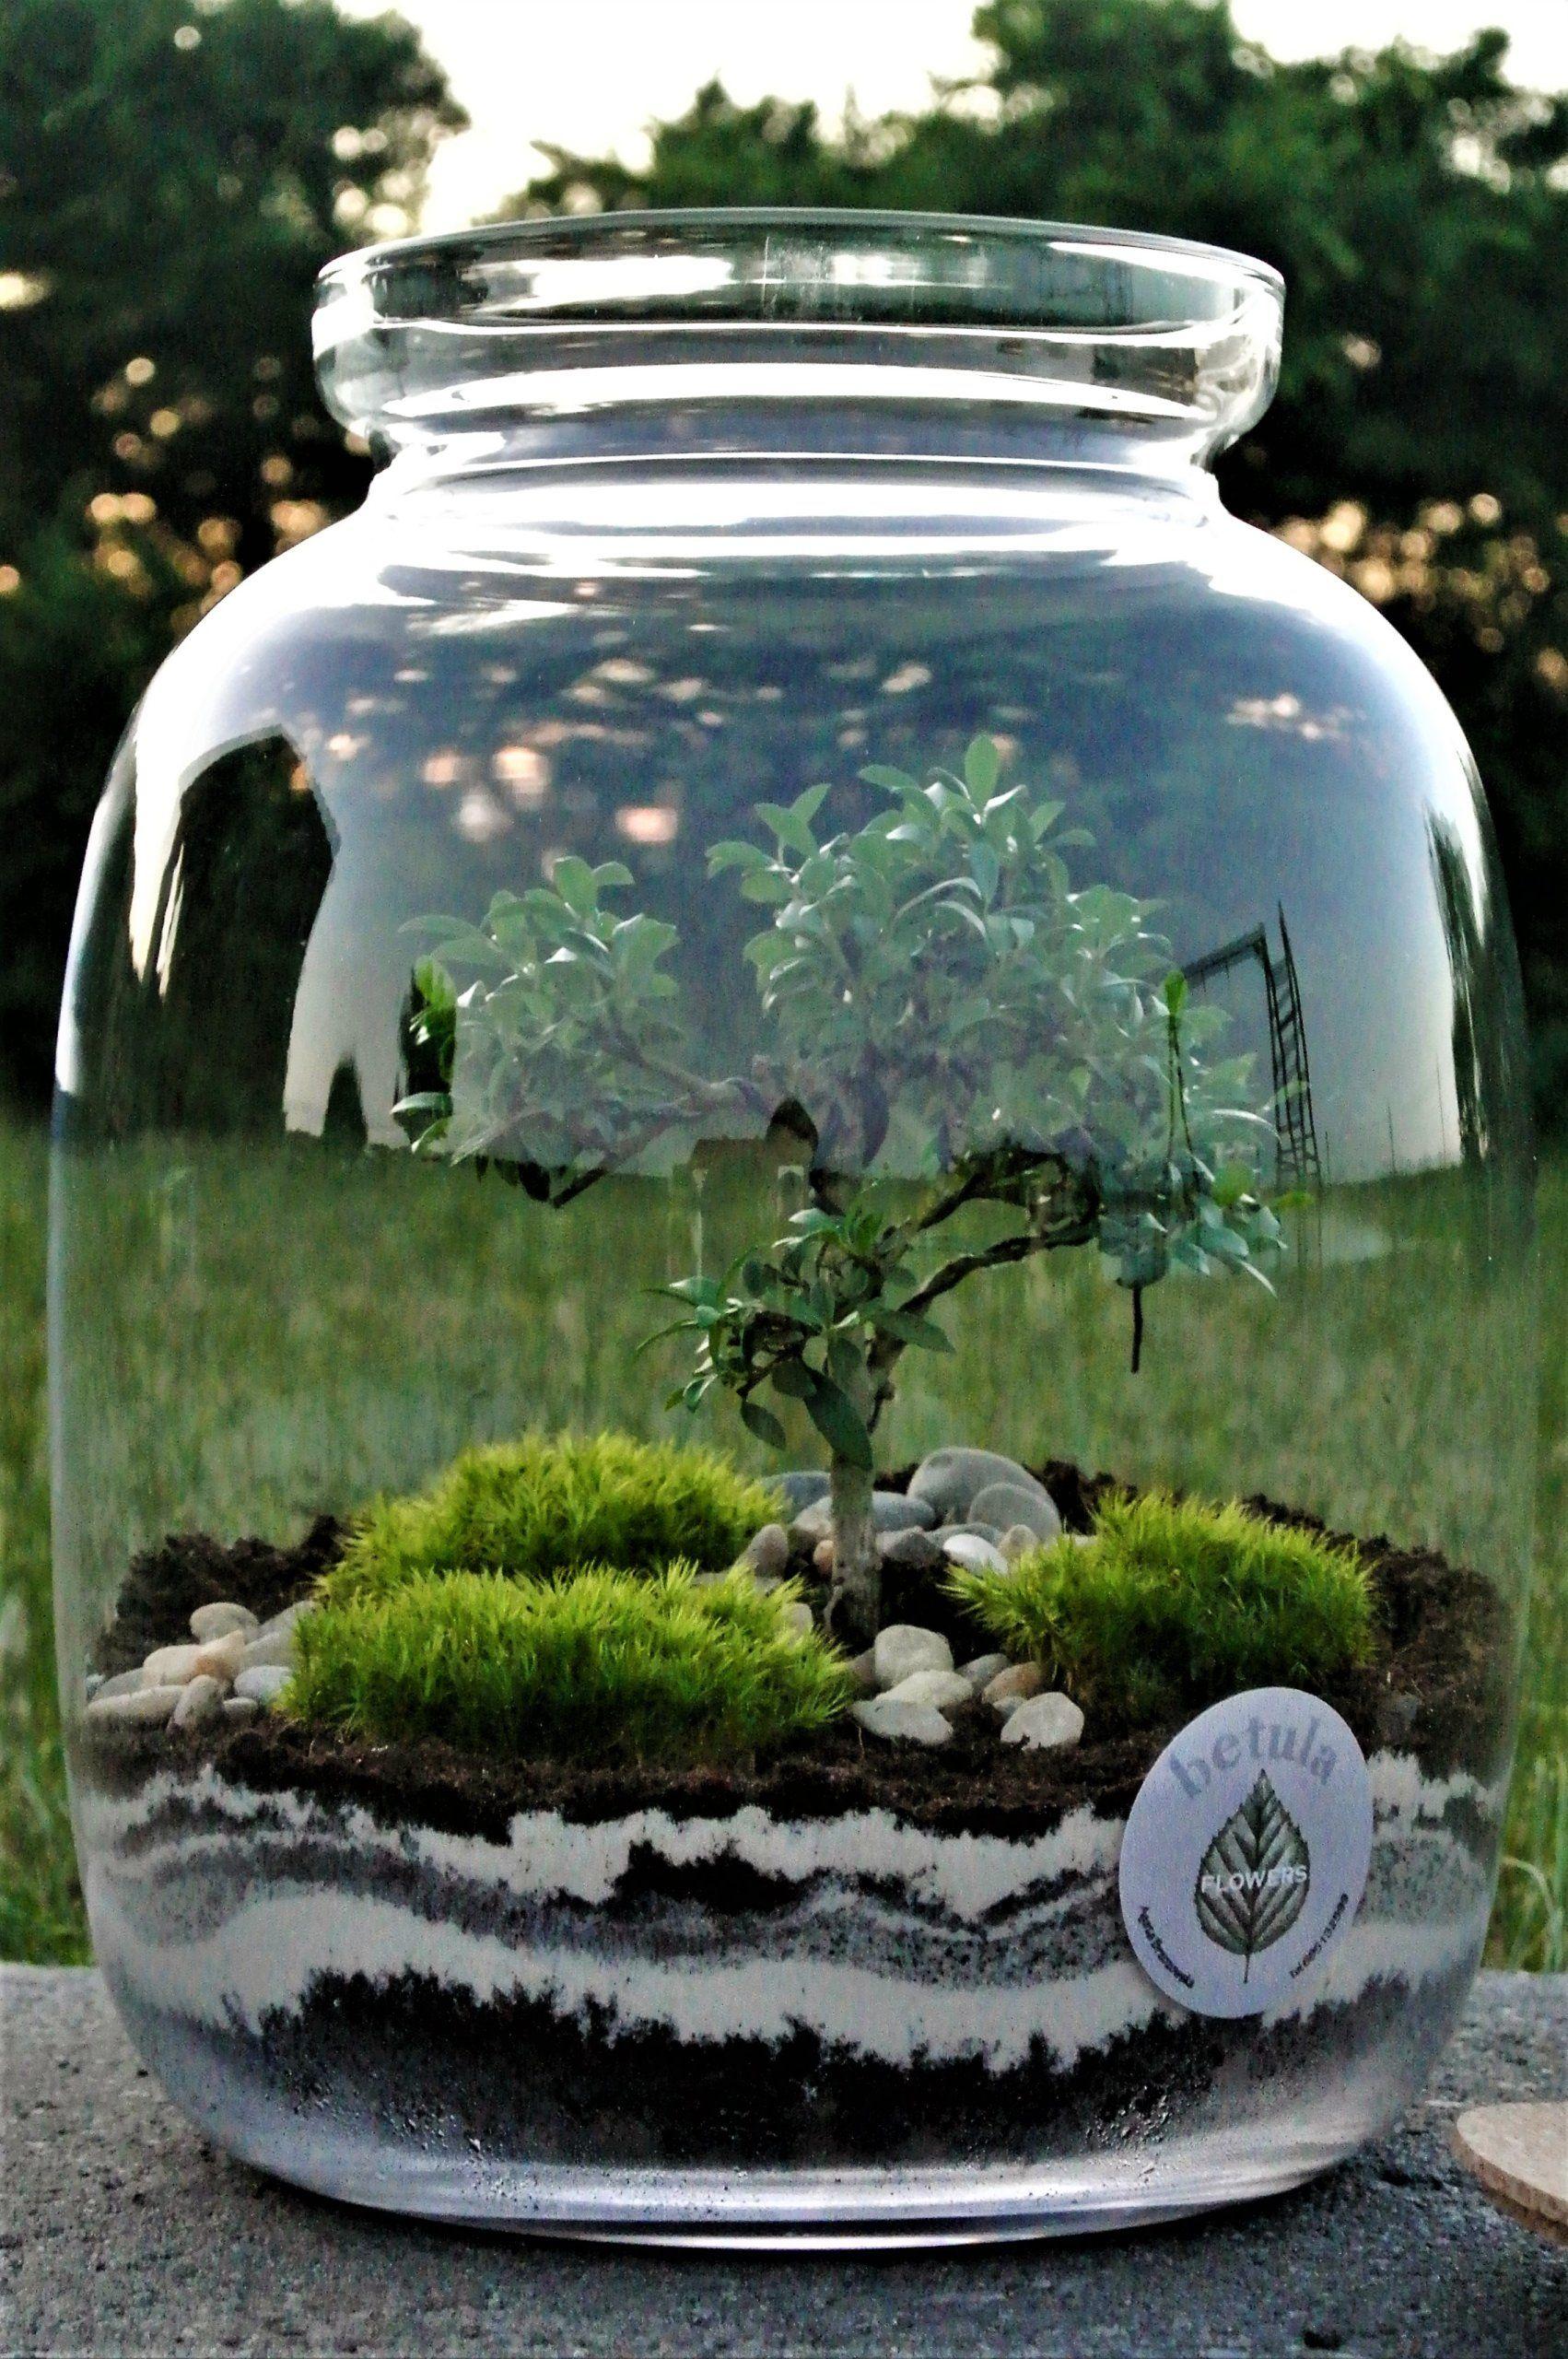 Las W Sloiku Rosliny Zamkniete W Szkle 7184927487 Oficjalne Archiwum Allegro Plants In Jars Plants Plant In Glass